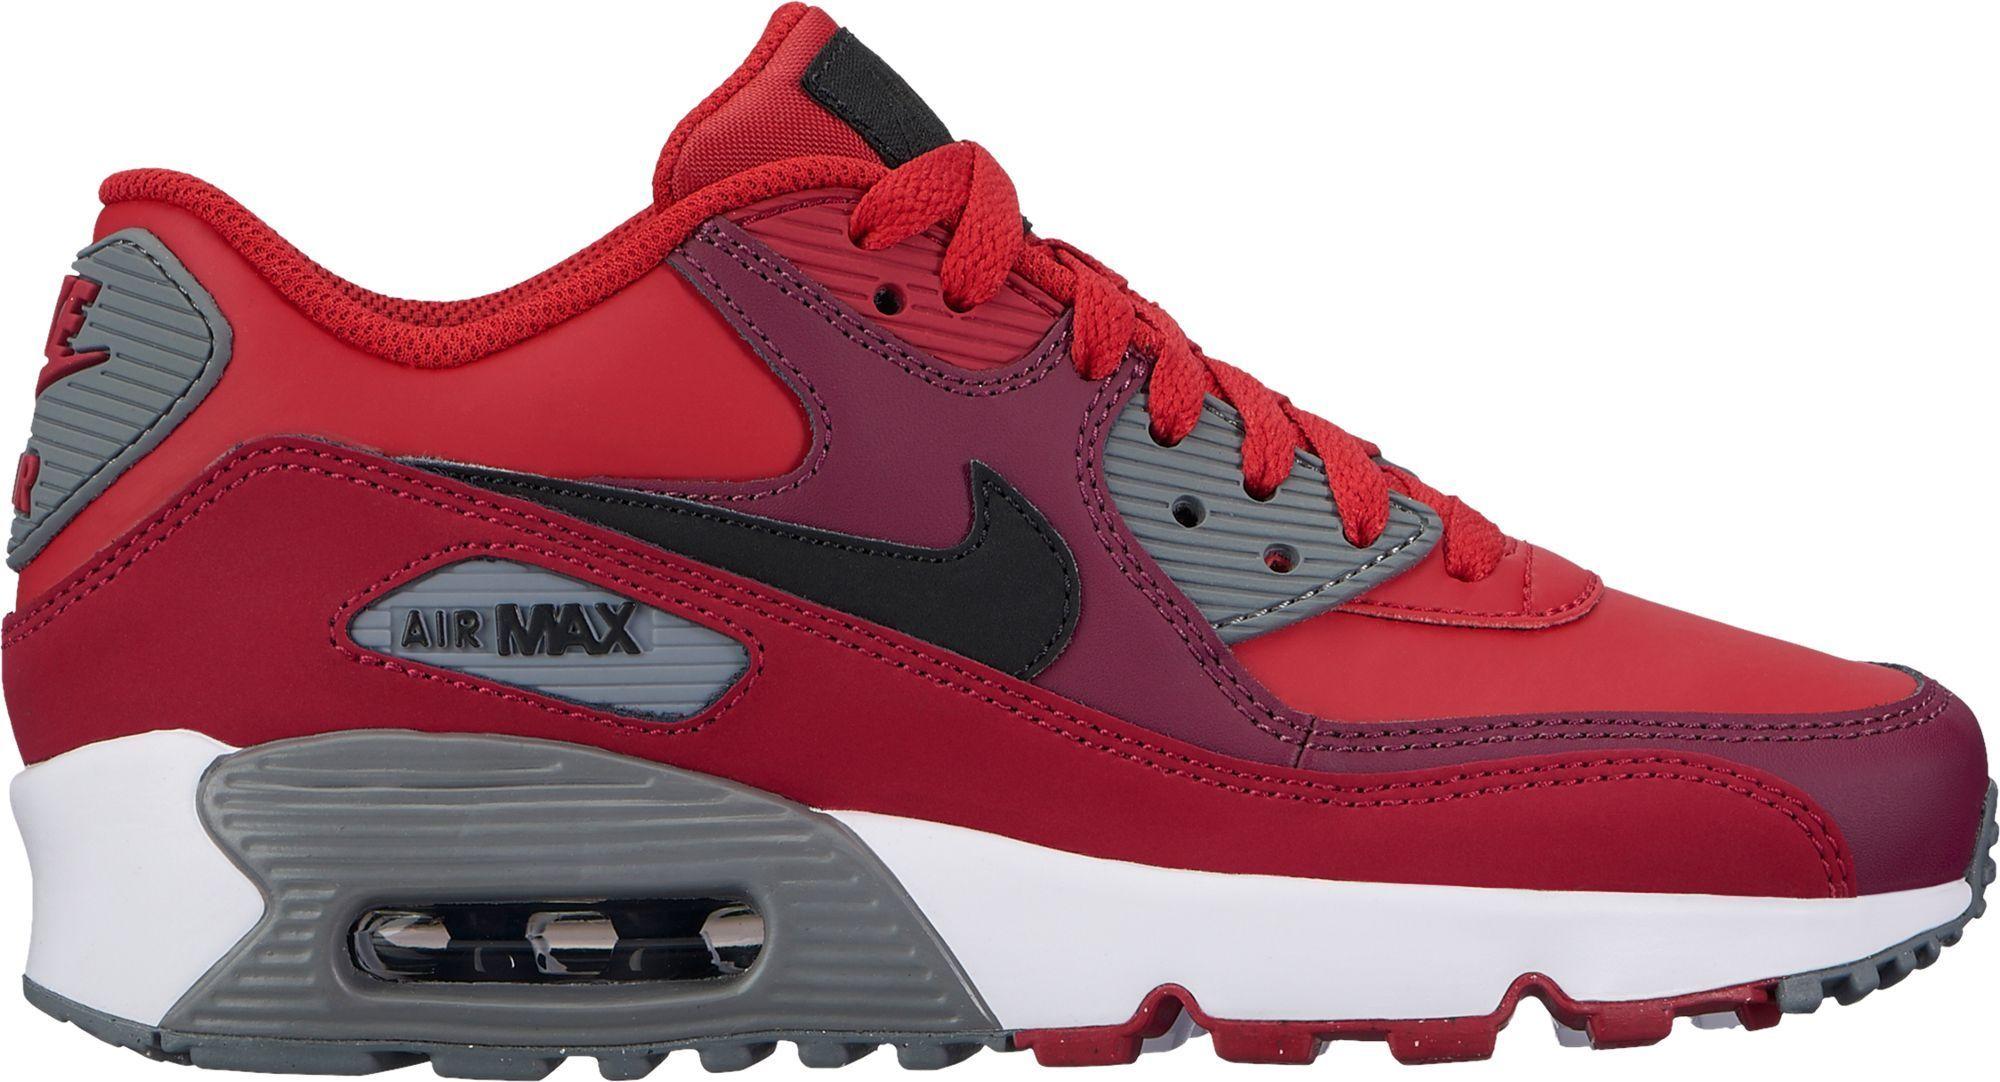 Verkauf der neuesten Mode Nike Air Max 90 Leather Schuhe